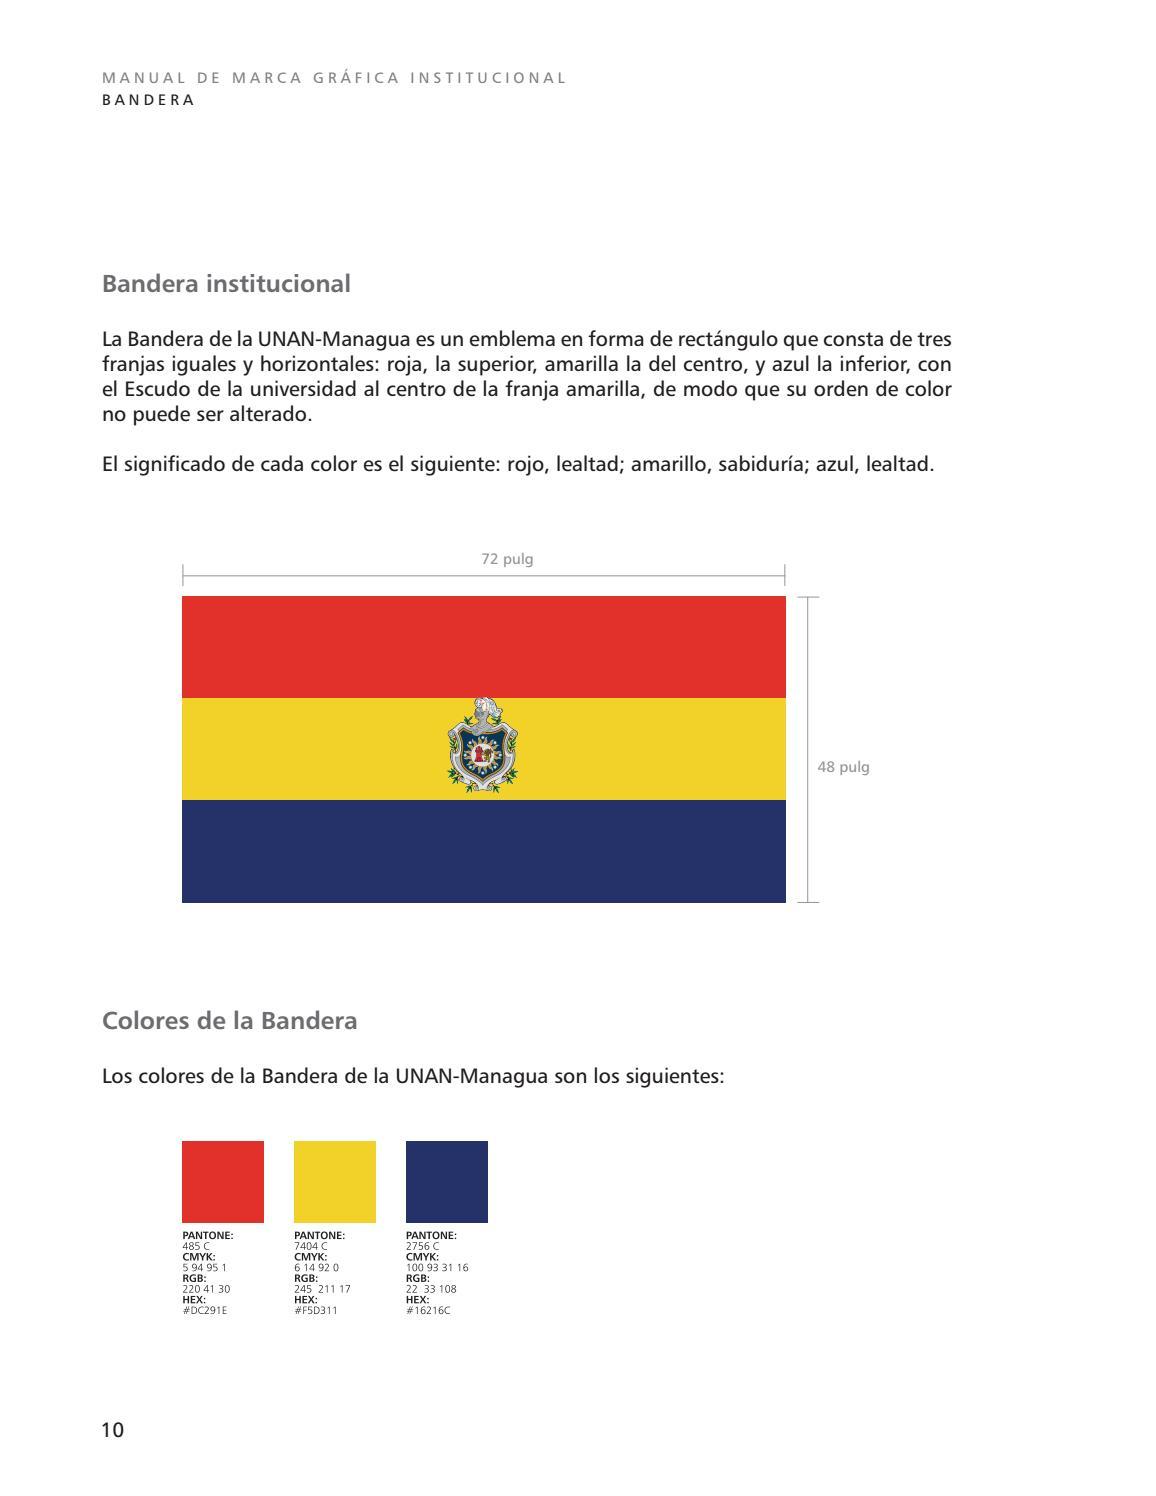 que significan los colores dela bandera amarillo azul y rojo